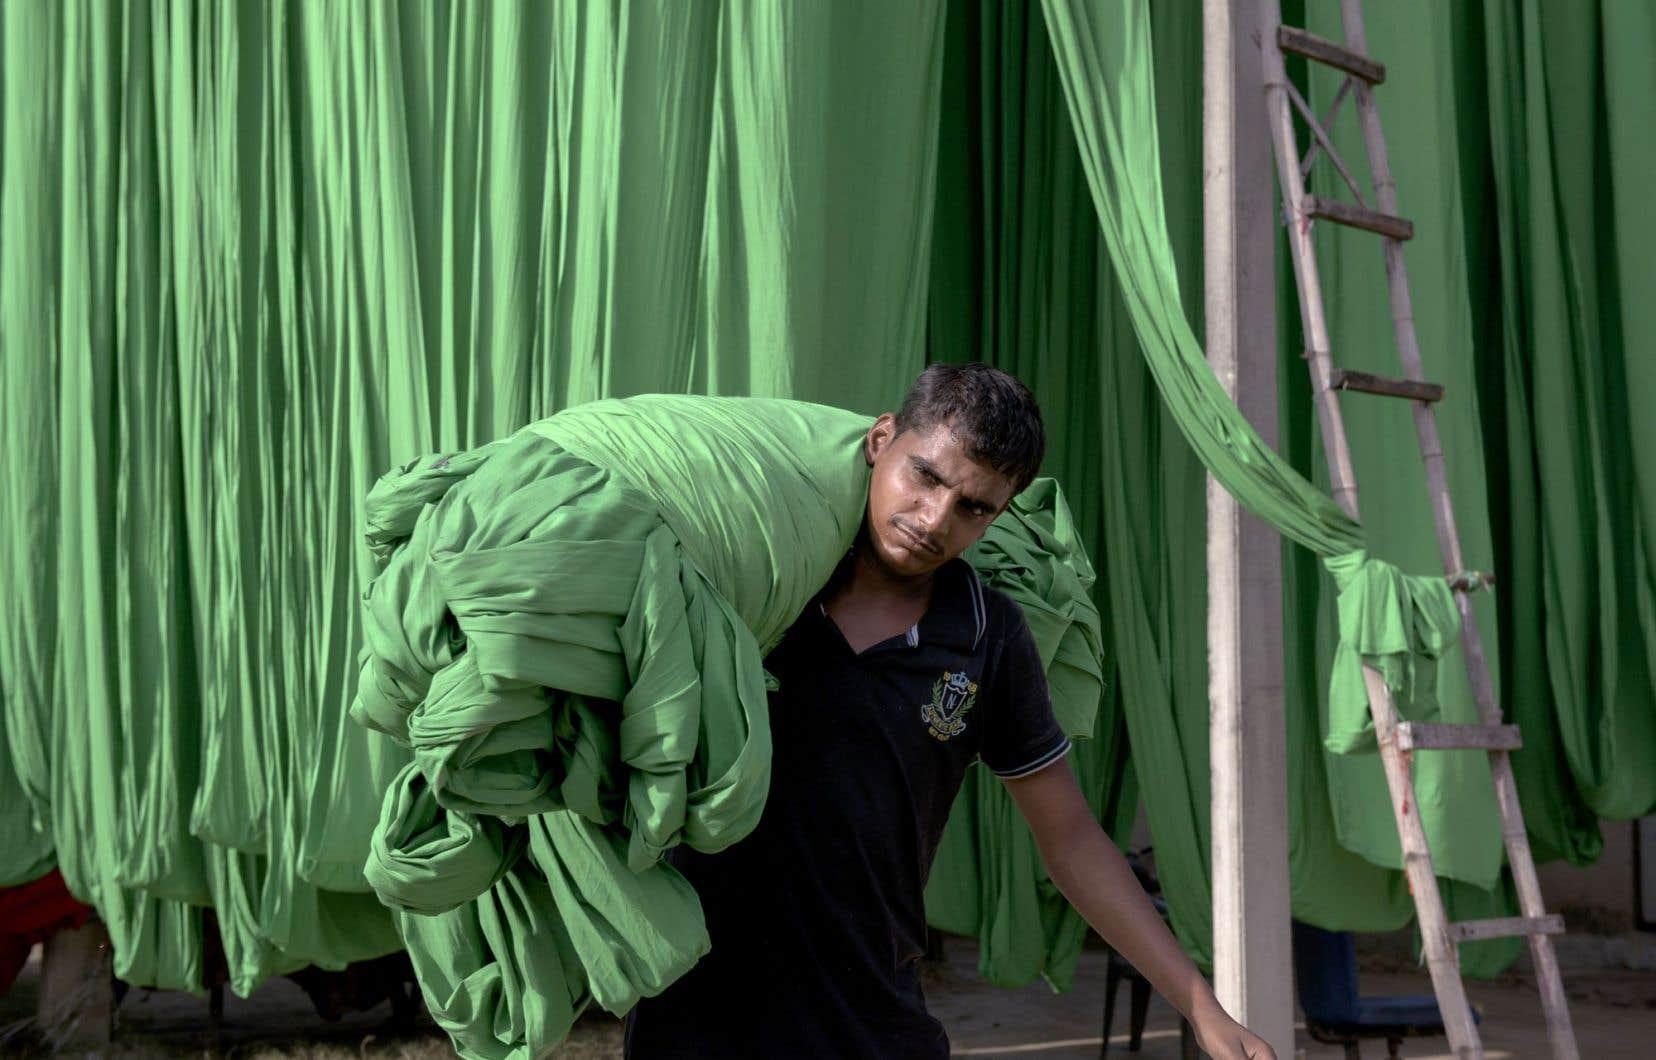 Les pays en développement produisent des biens consommés dans les pays riches. Ci-dessus, une usine de textile dans le Rajasthan, en Inde.